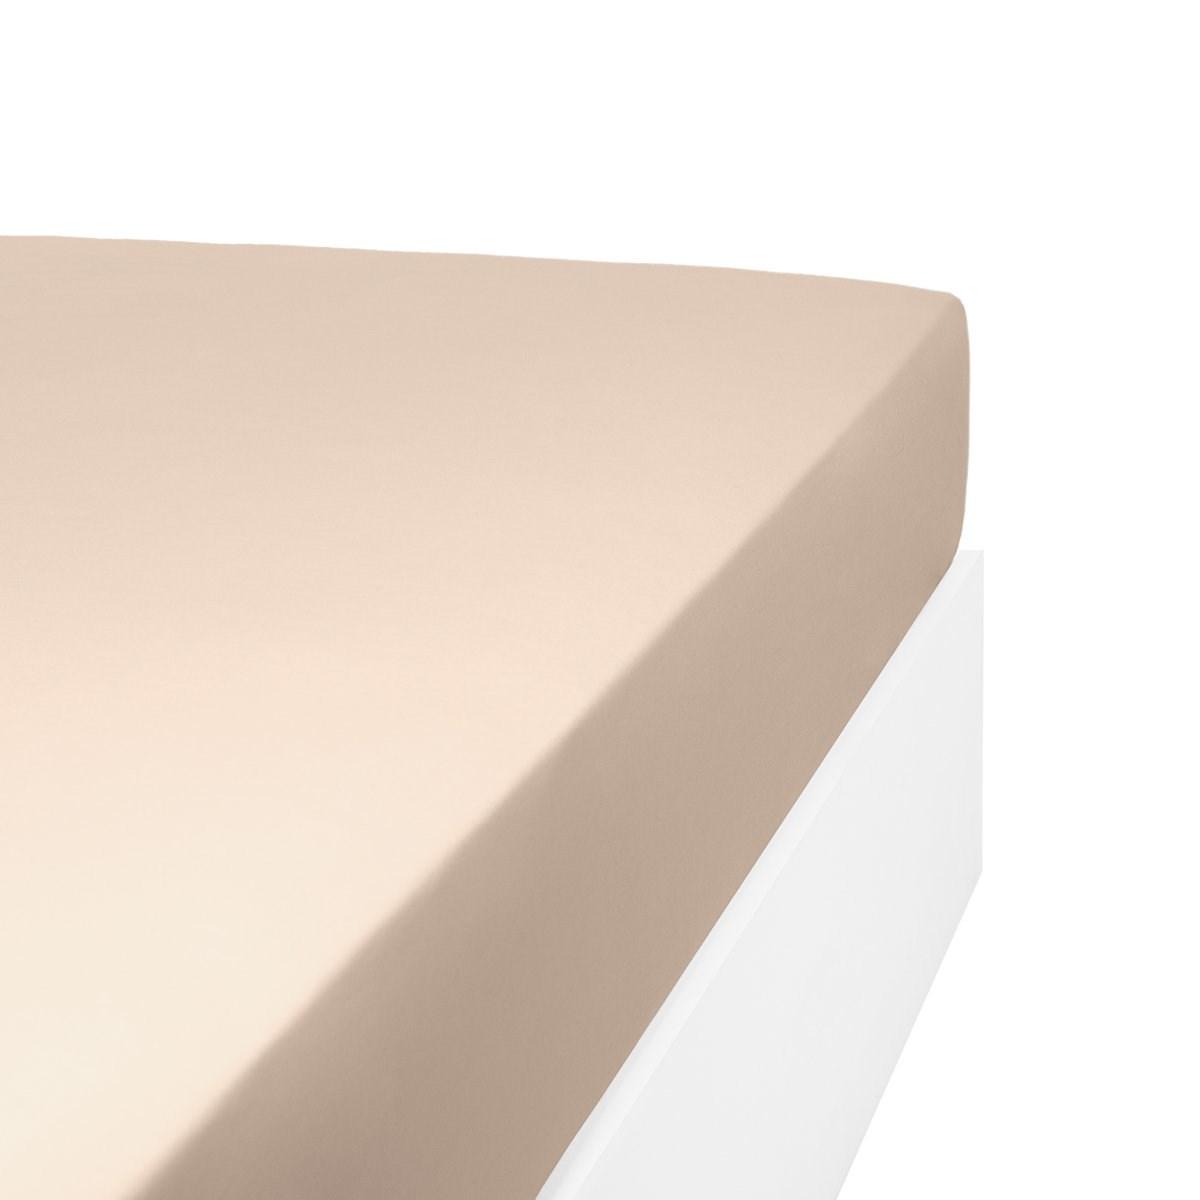 Drap housse uni 200 fils en de coton beige foncé 160x200 cm